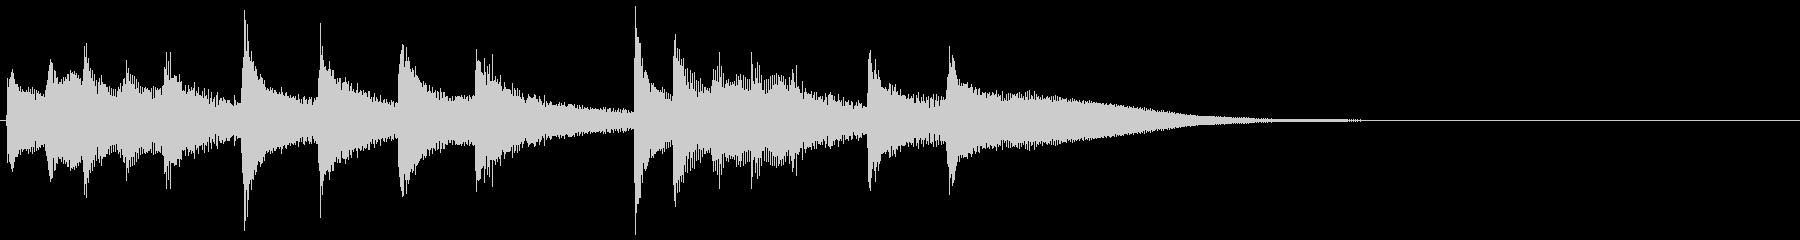 オリエンタル・リフの未再生の波形